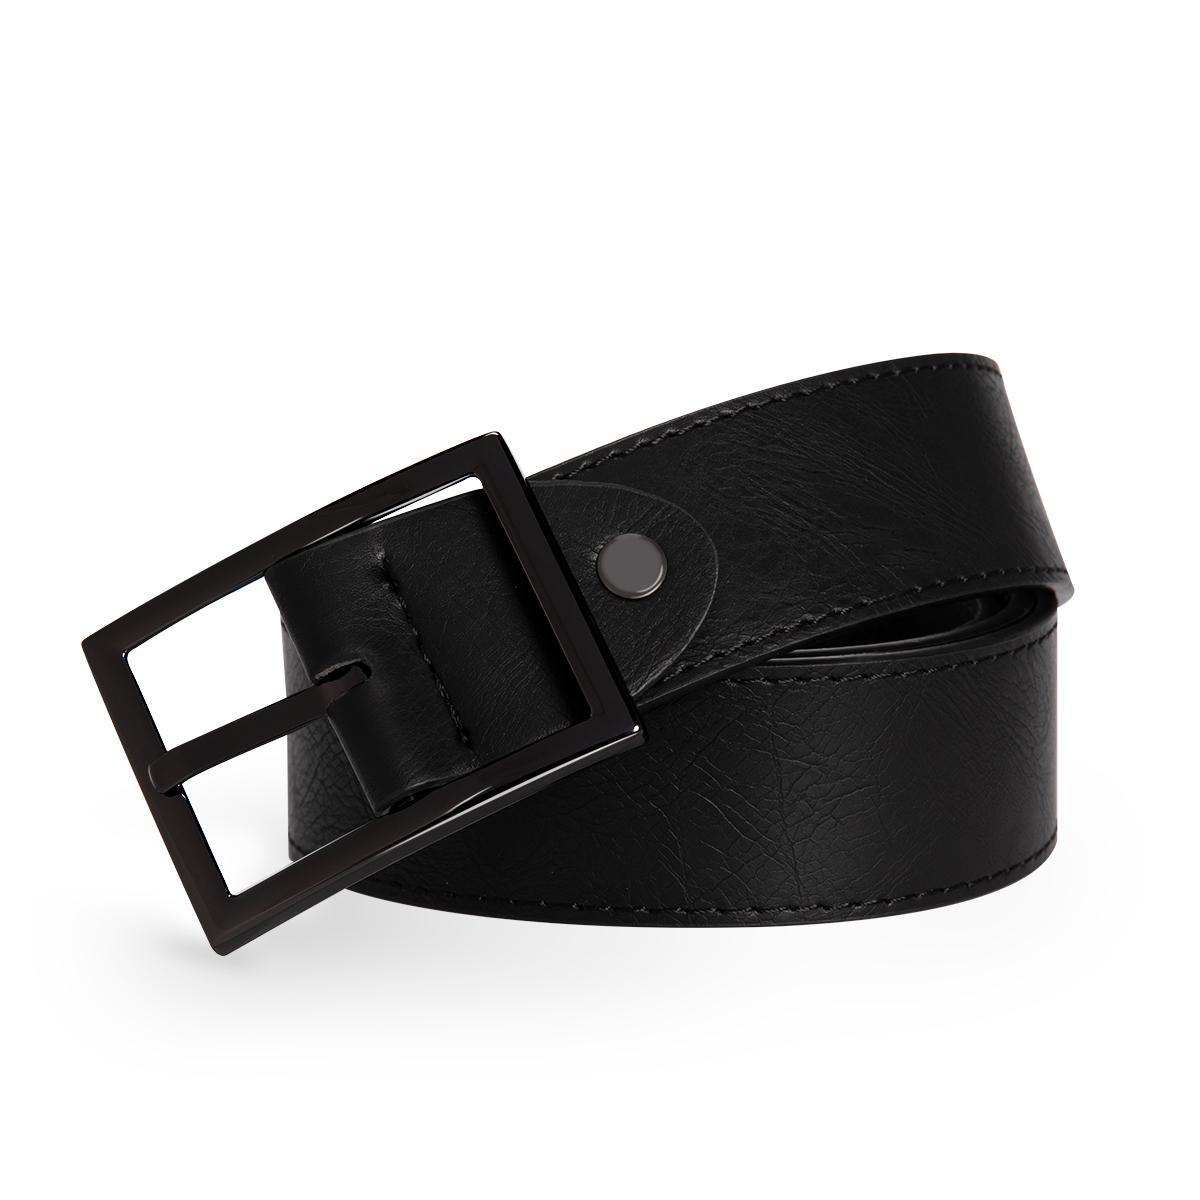 Cuchillos de cuero para hombre Cinturón de alta calidad para hombres Hebilla automática Correas masculinas Causales Causales para pantalones Jeans Yunclos Marcas